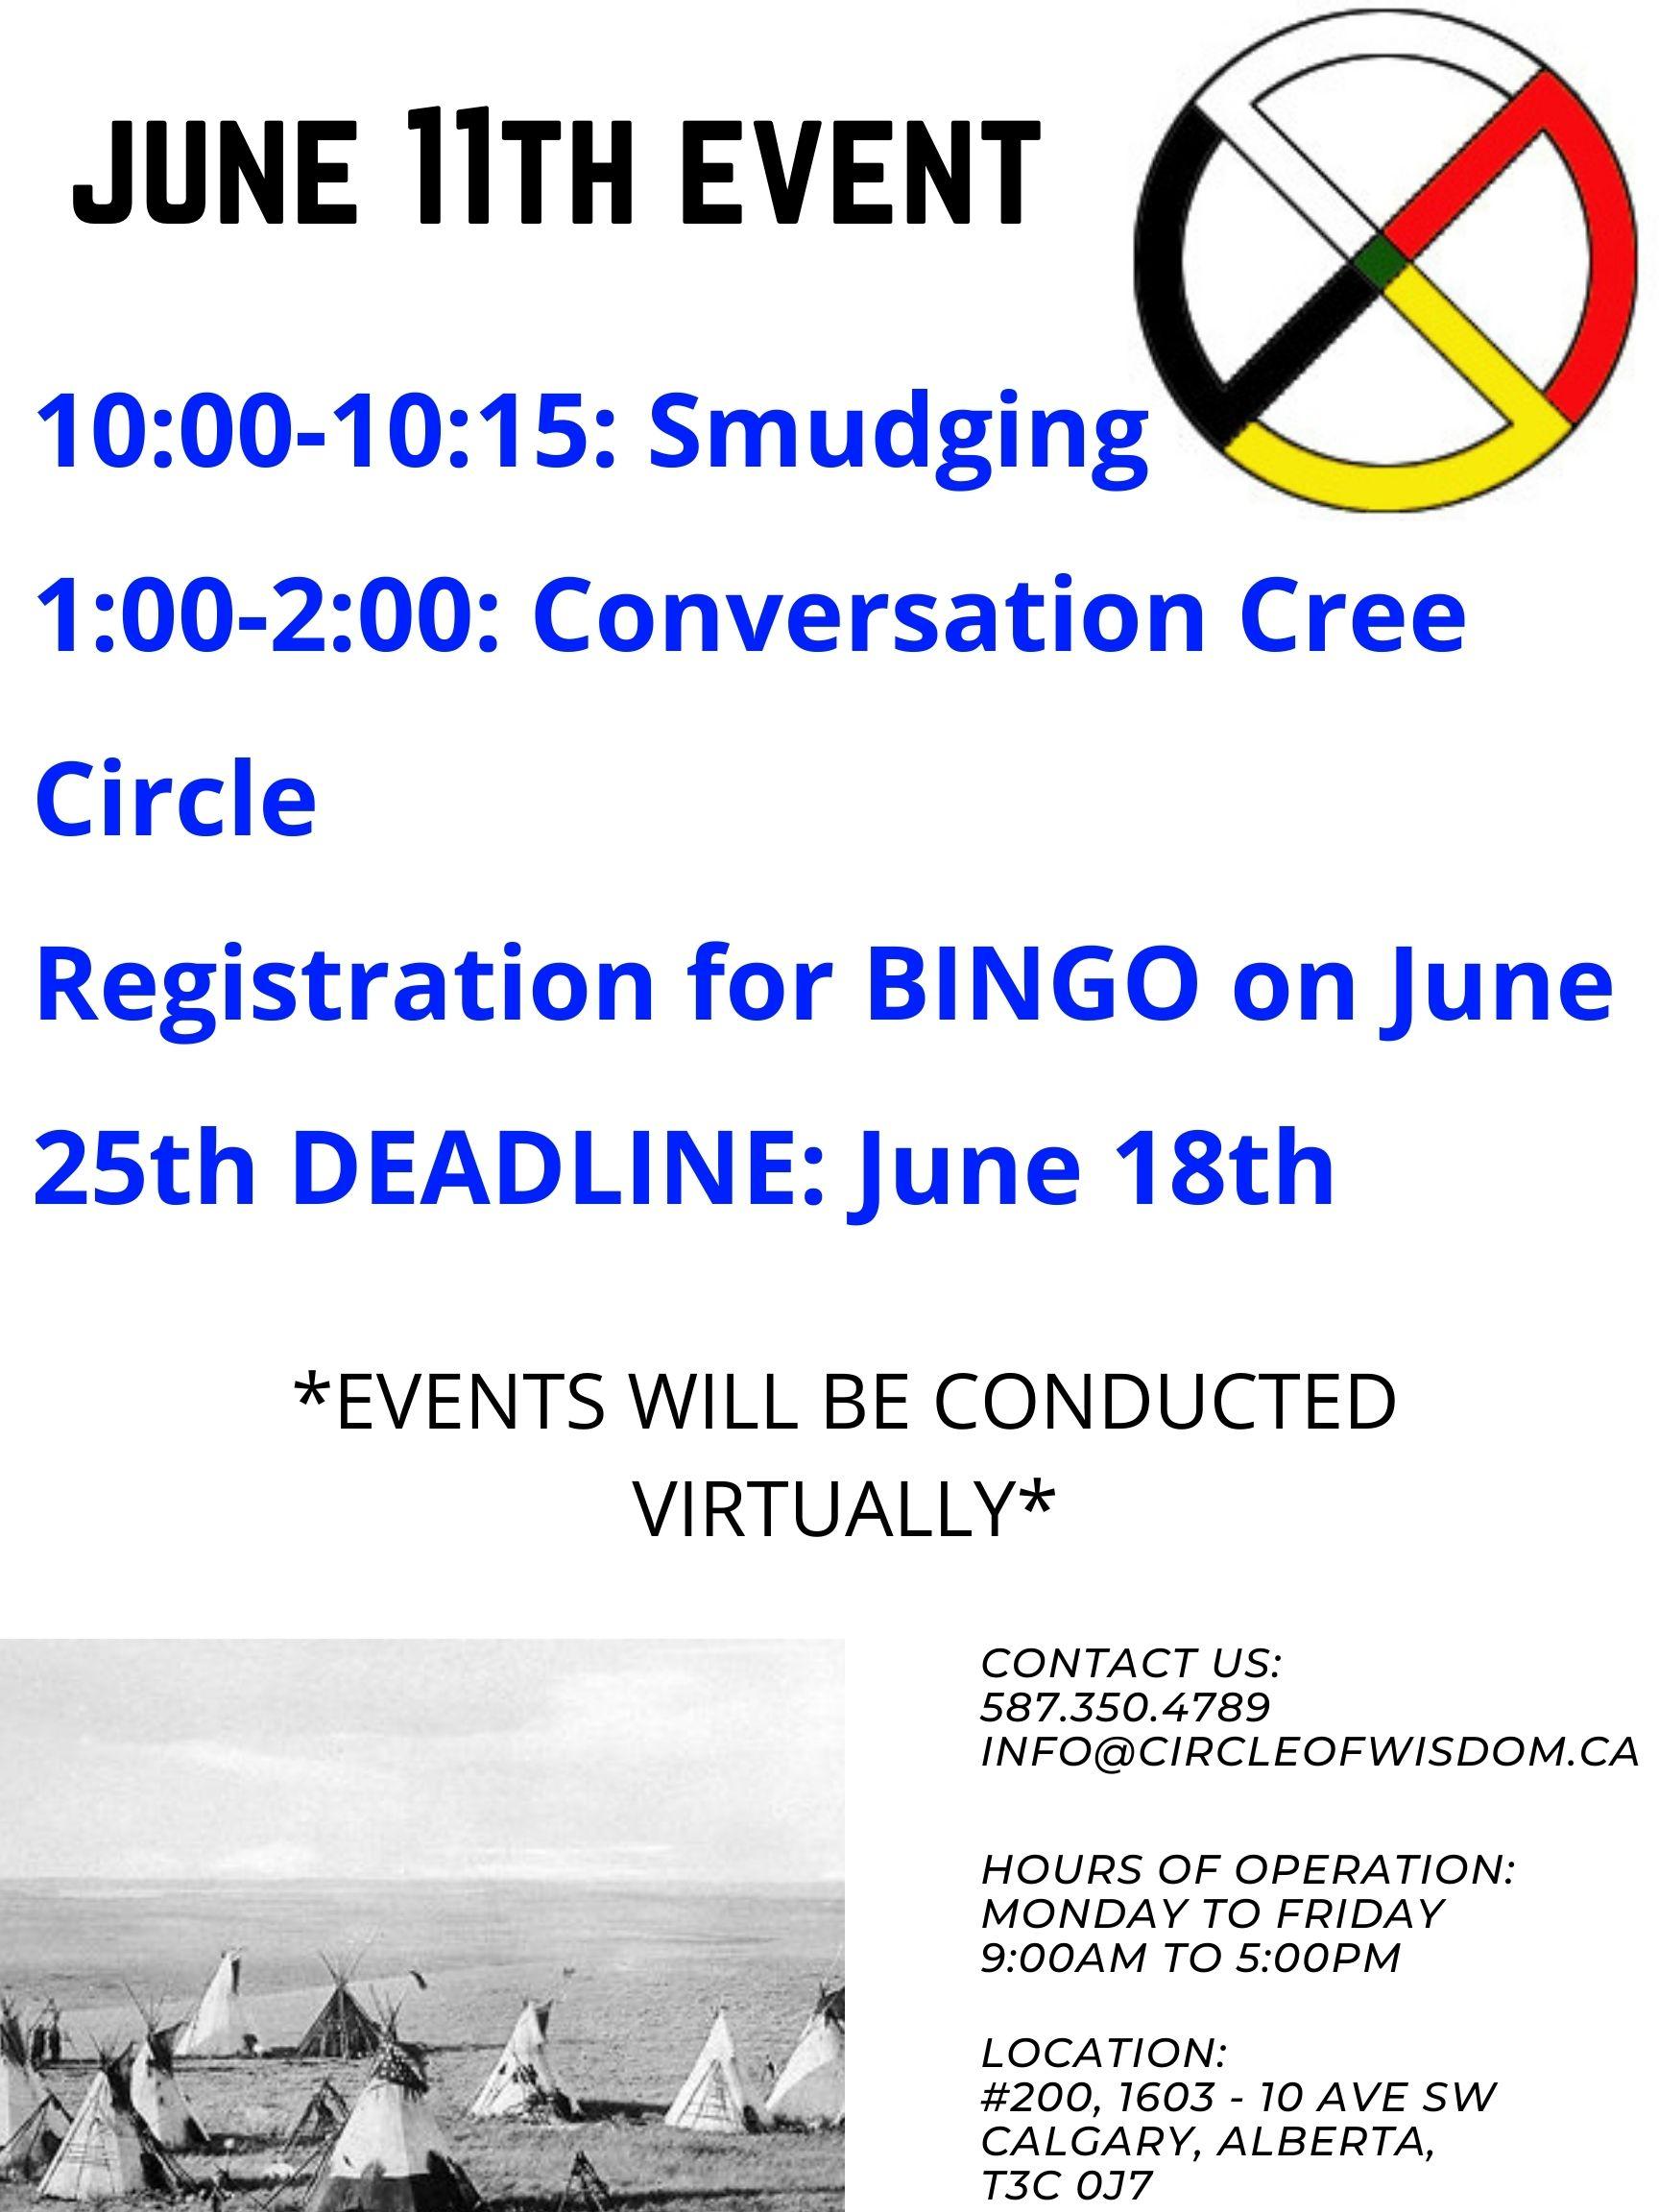 Conversation Cree Circle